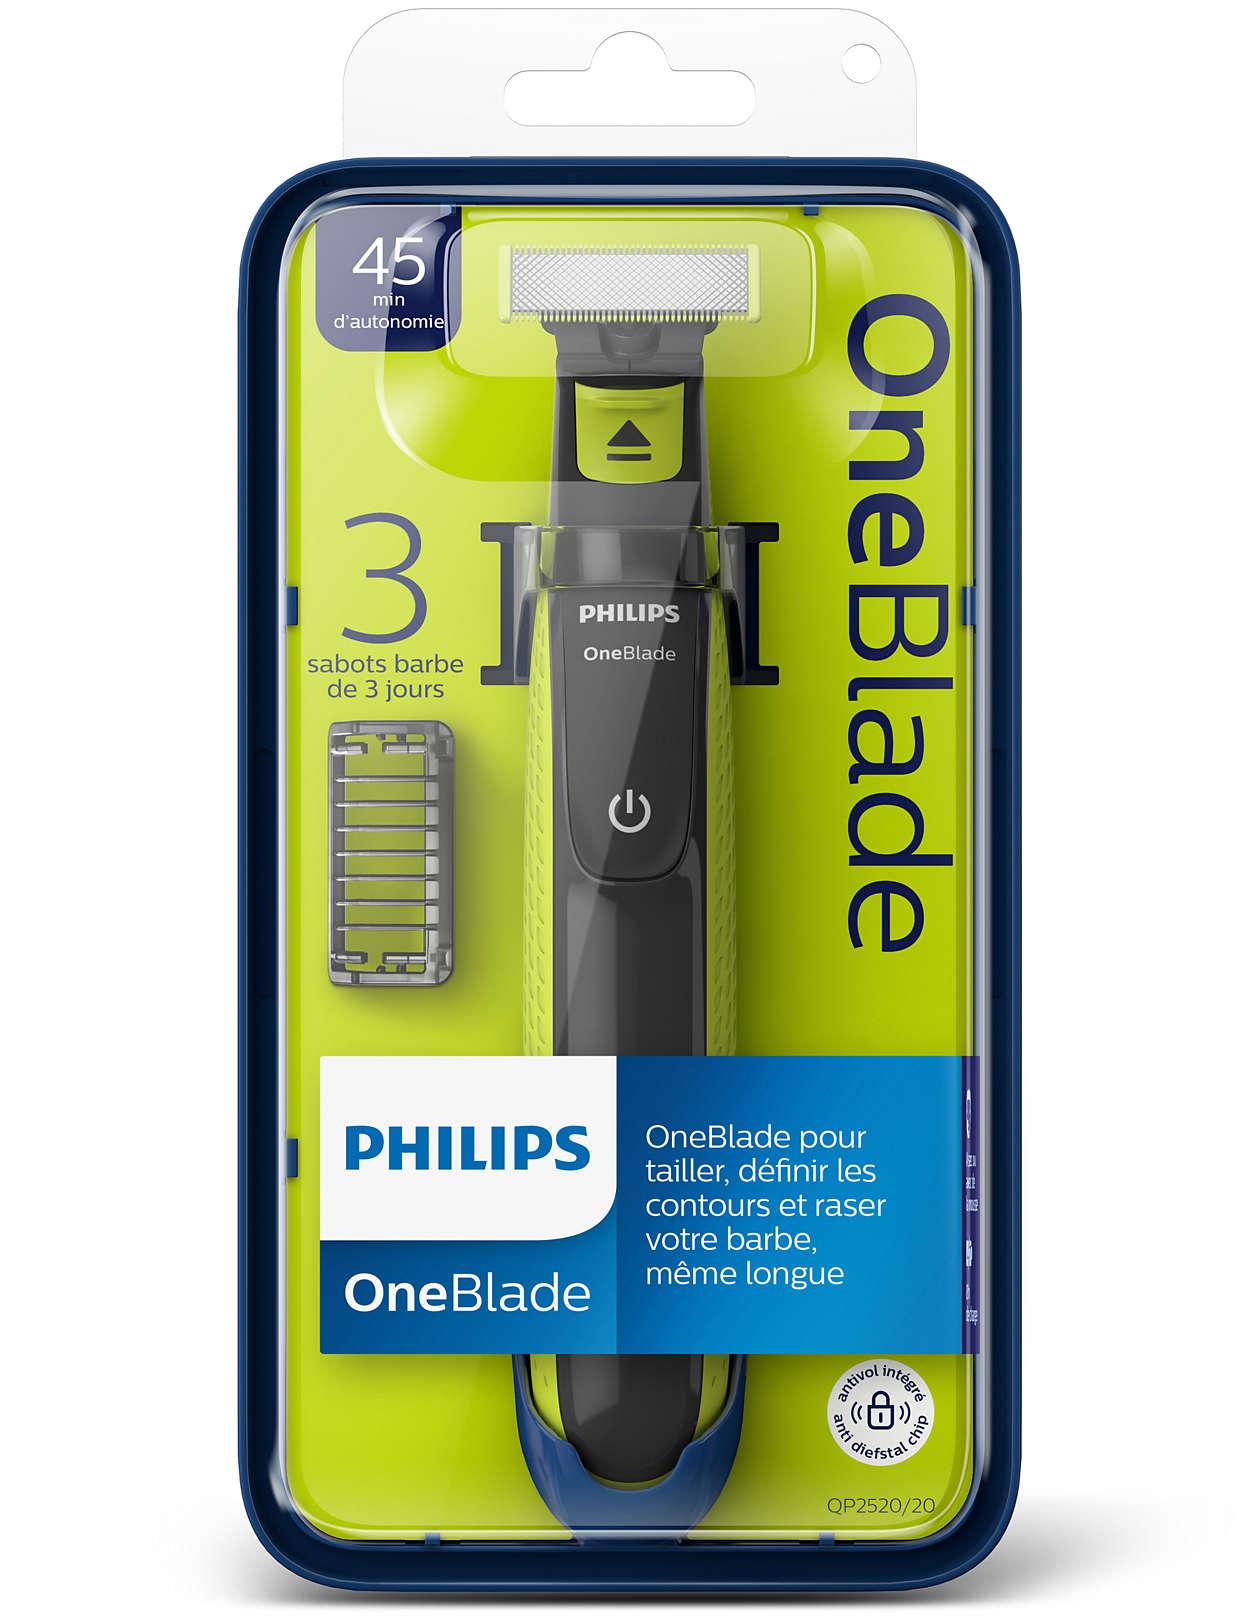 Tondeuse/ rasoir électrique Philips OneBlade QP2520/20 - 3 Sabots